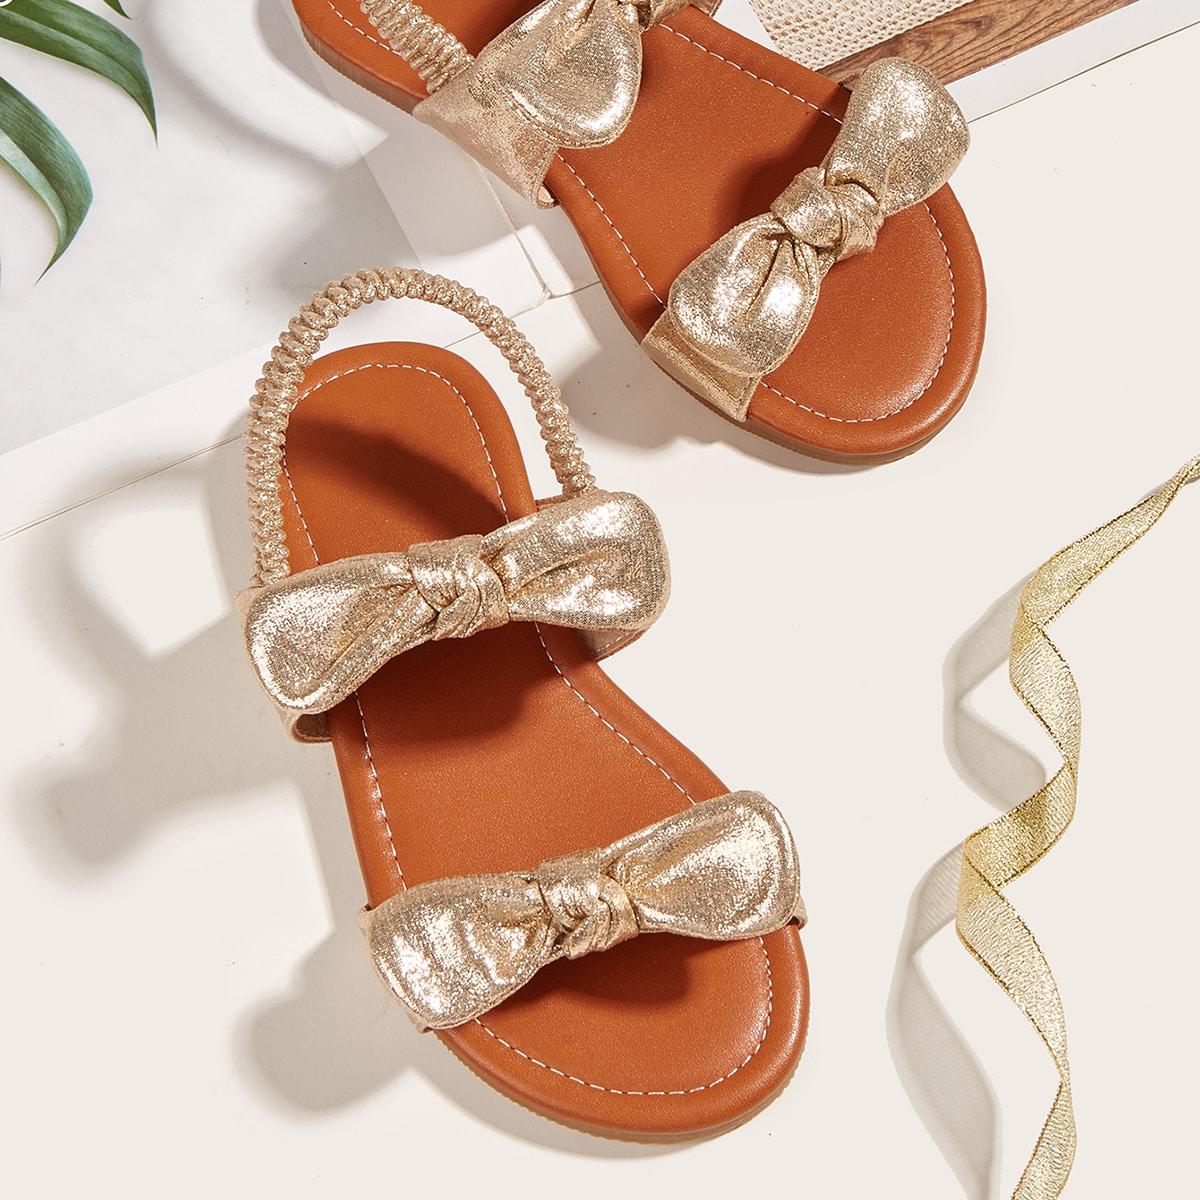 Металлические сандалии для девочек с бантом SheIn skshoes25210526962